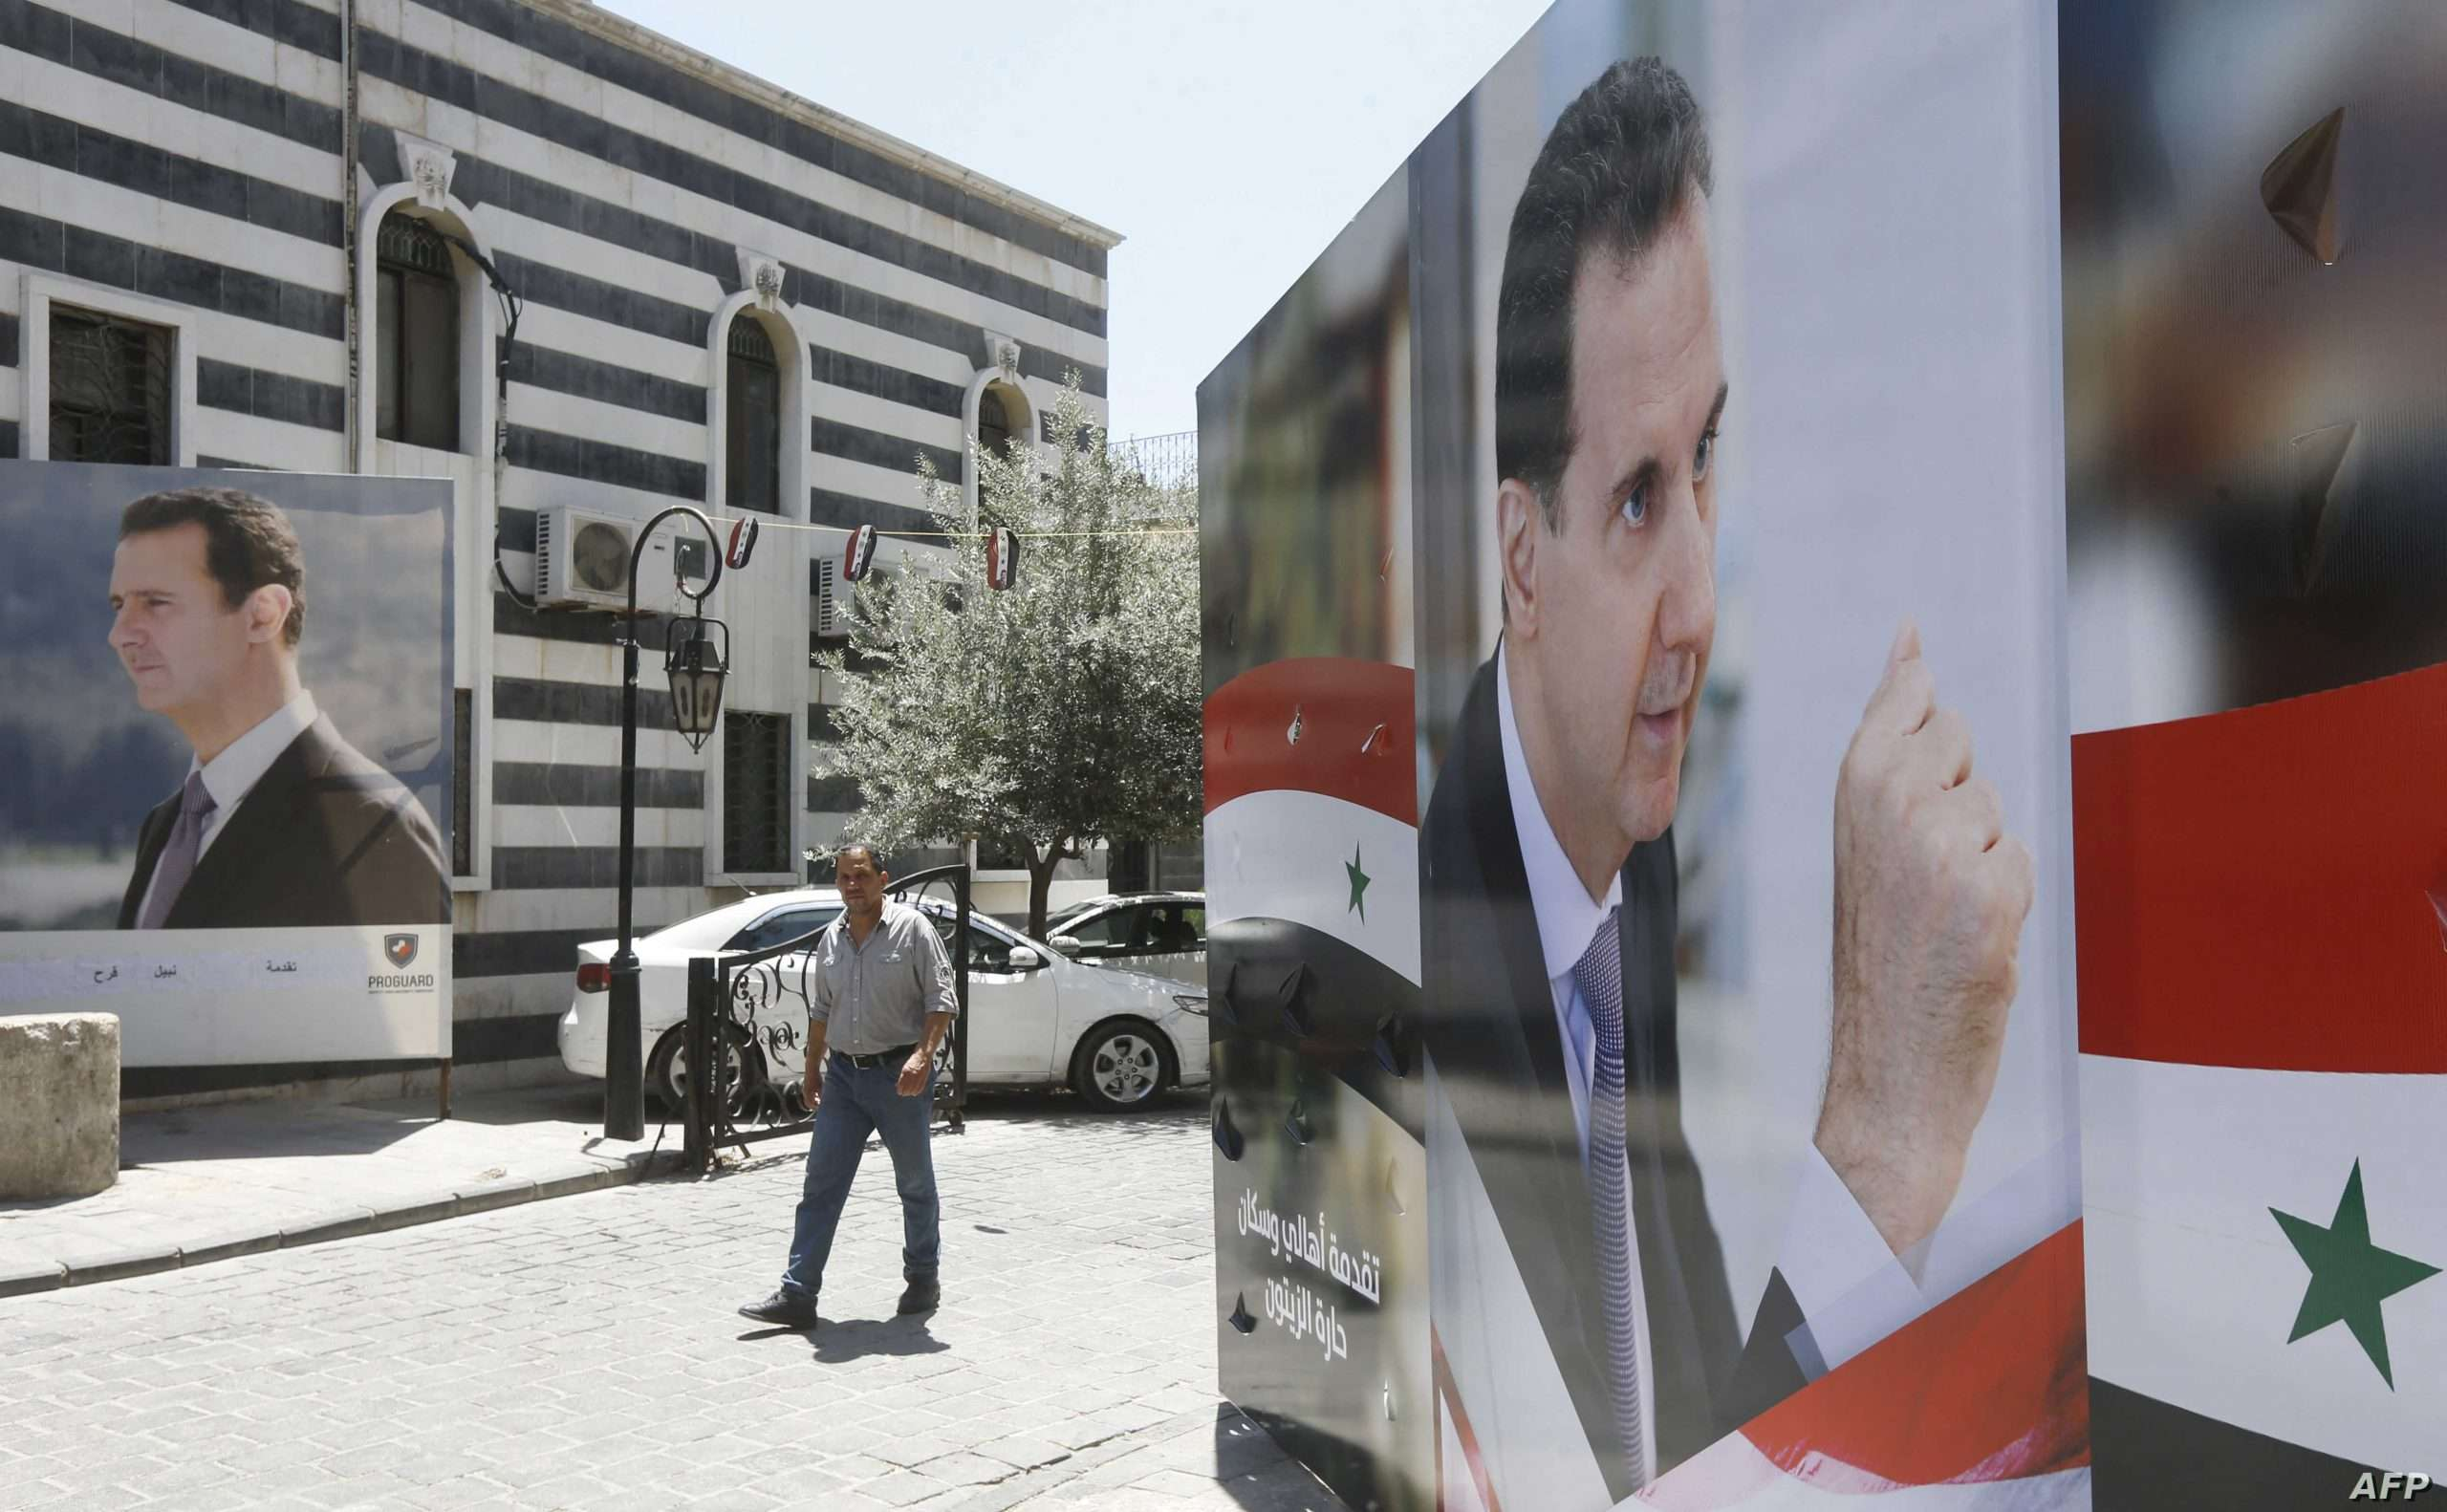 بيان أمريكي أوروبي حول الانتخابات الرئاسية السورية, صحيفة عربية في بوسطن-أمريكا-بروفايل نيوز